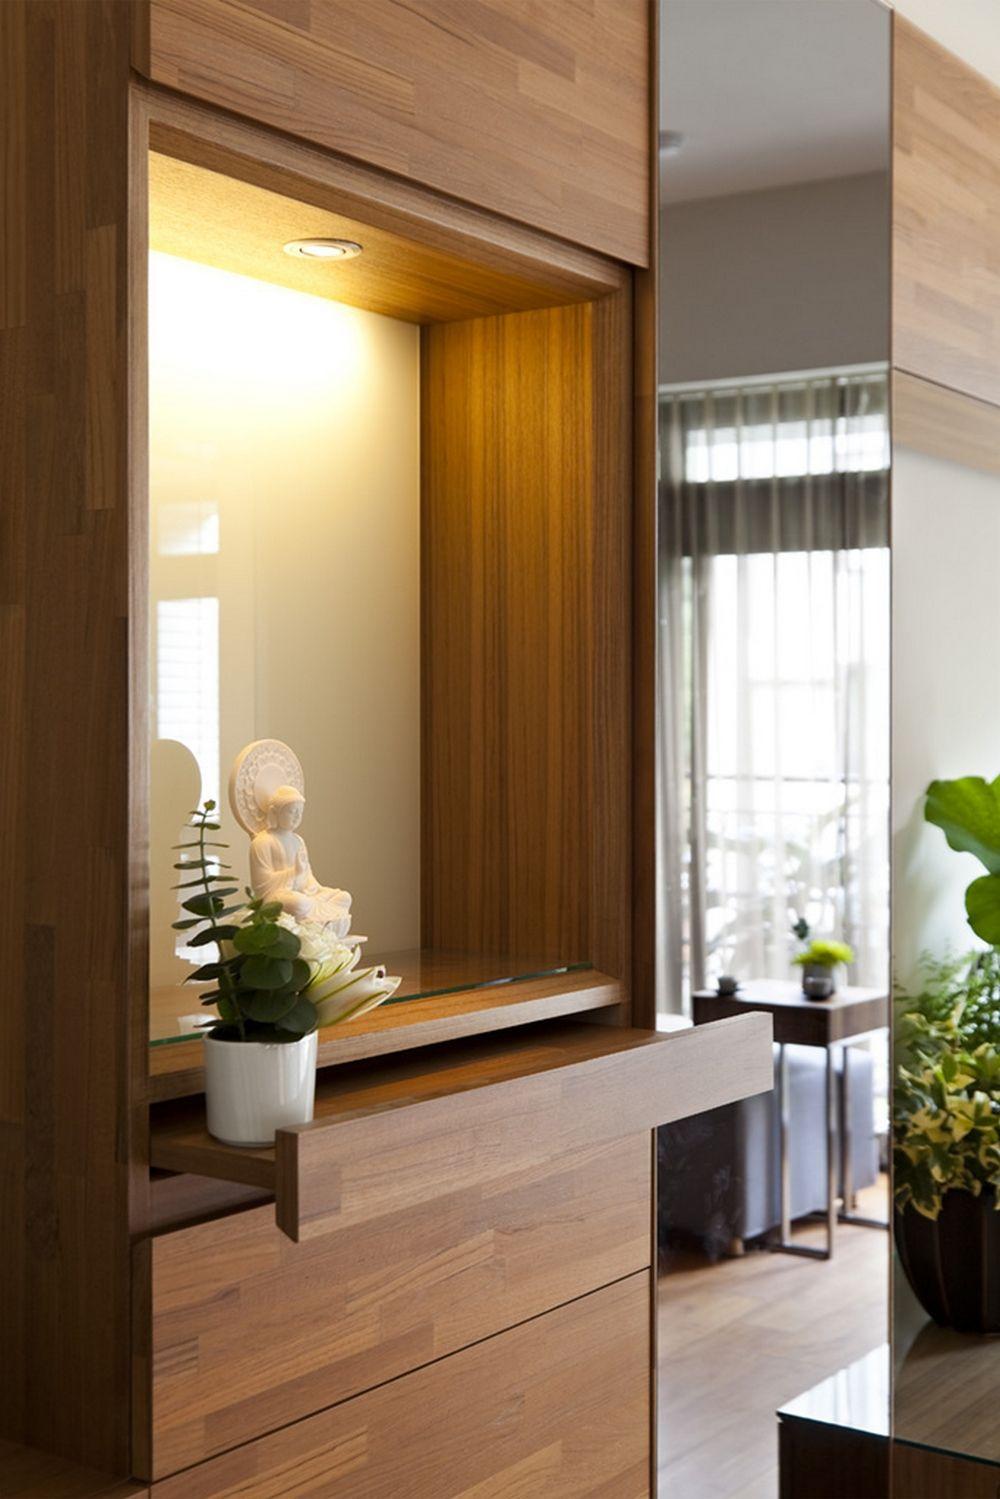 urban style HongKong & Taiwan interior design ideas interier design